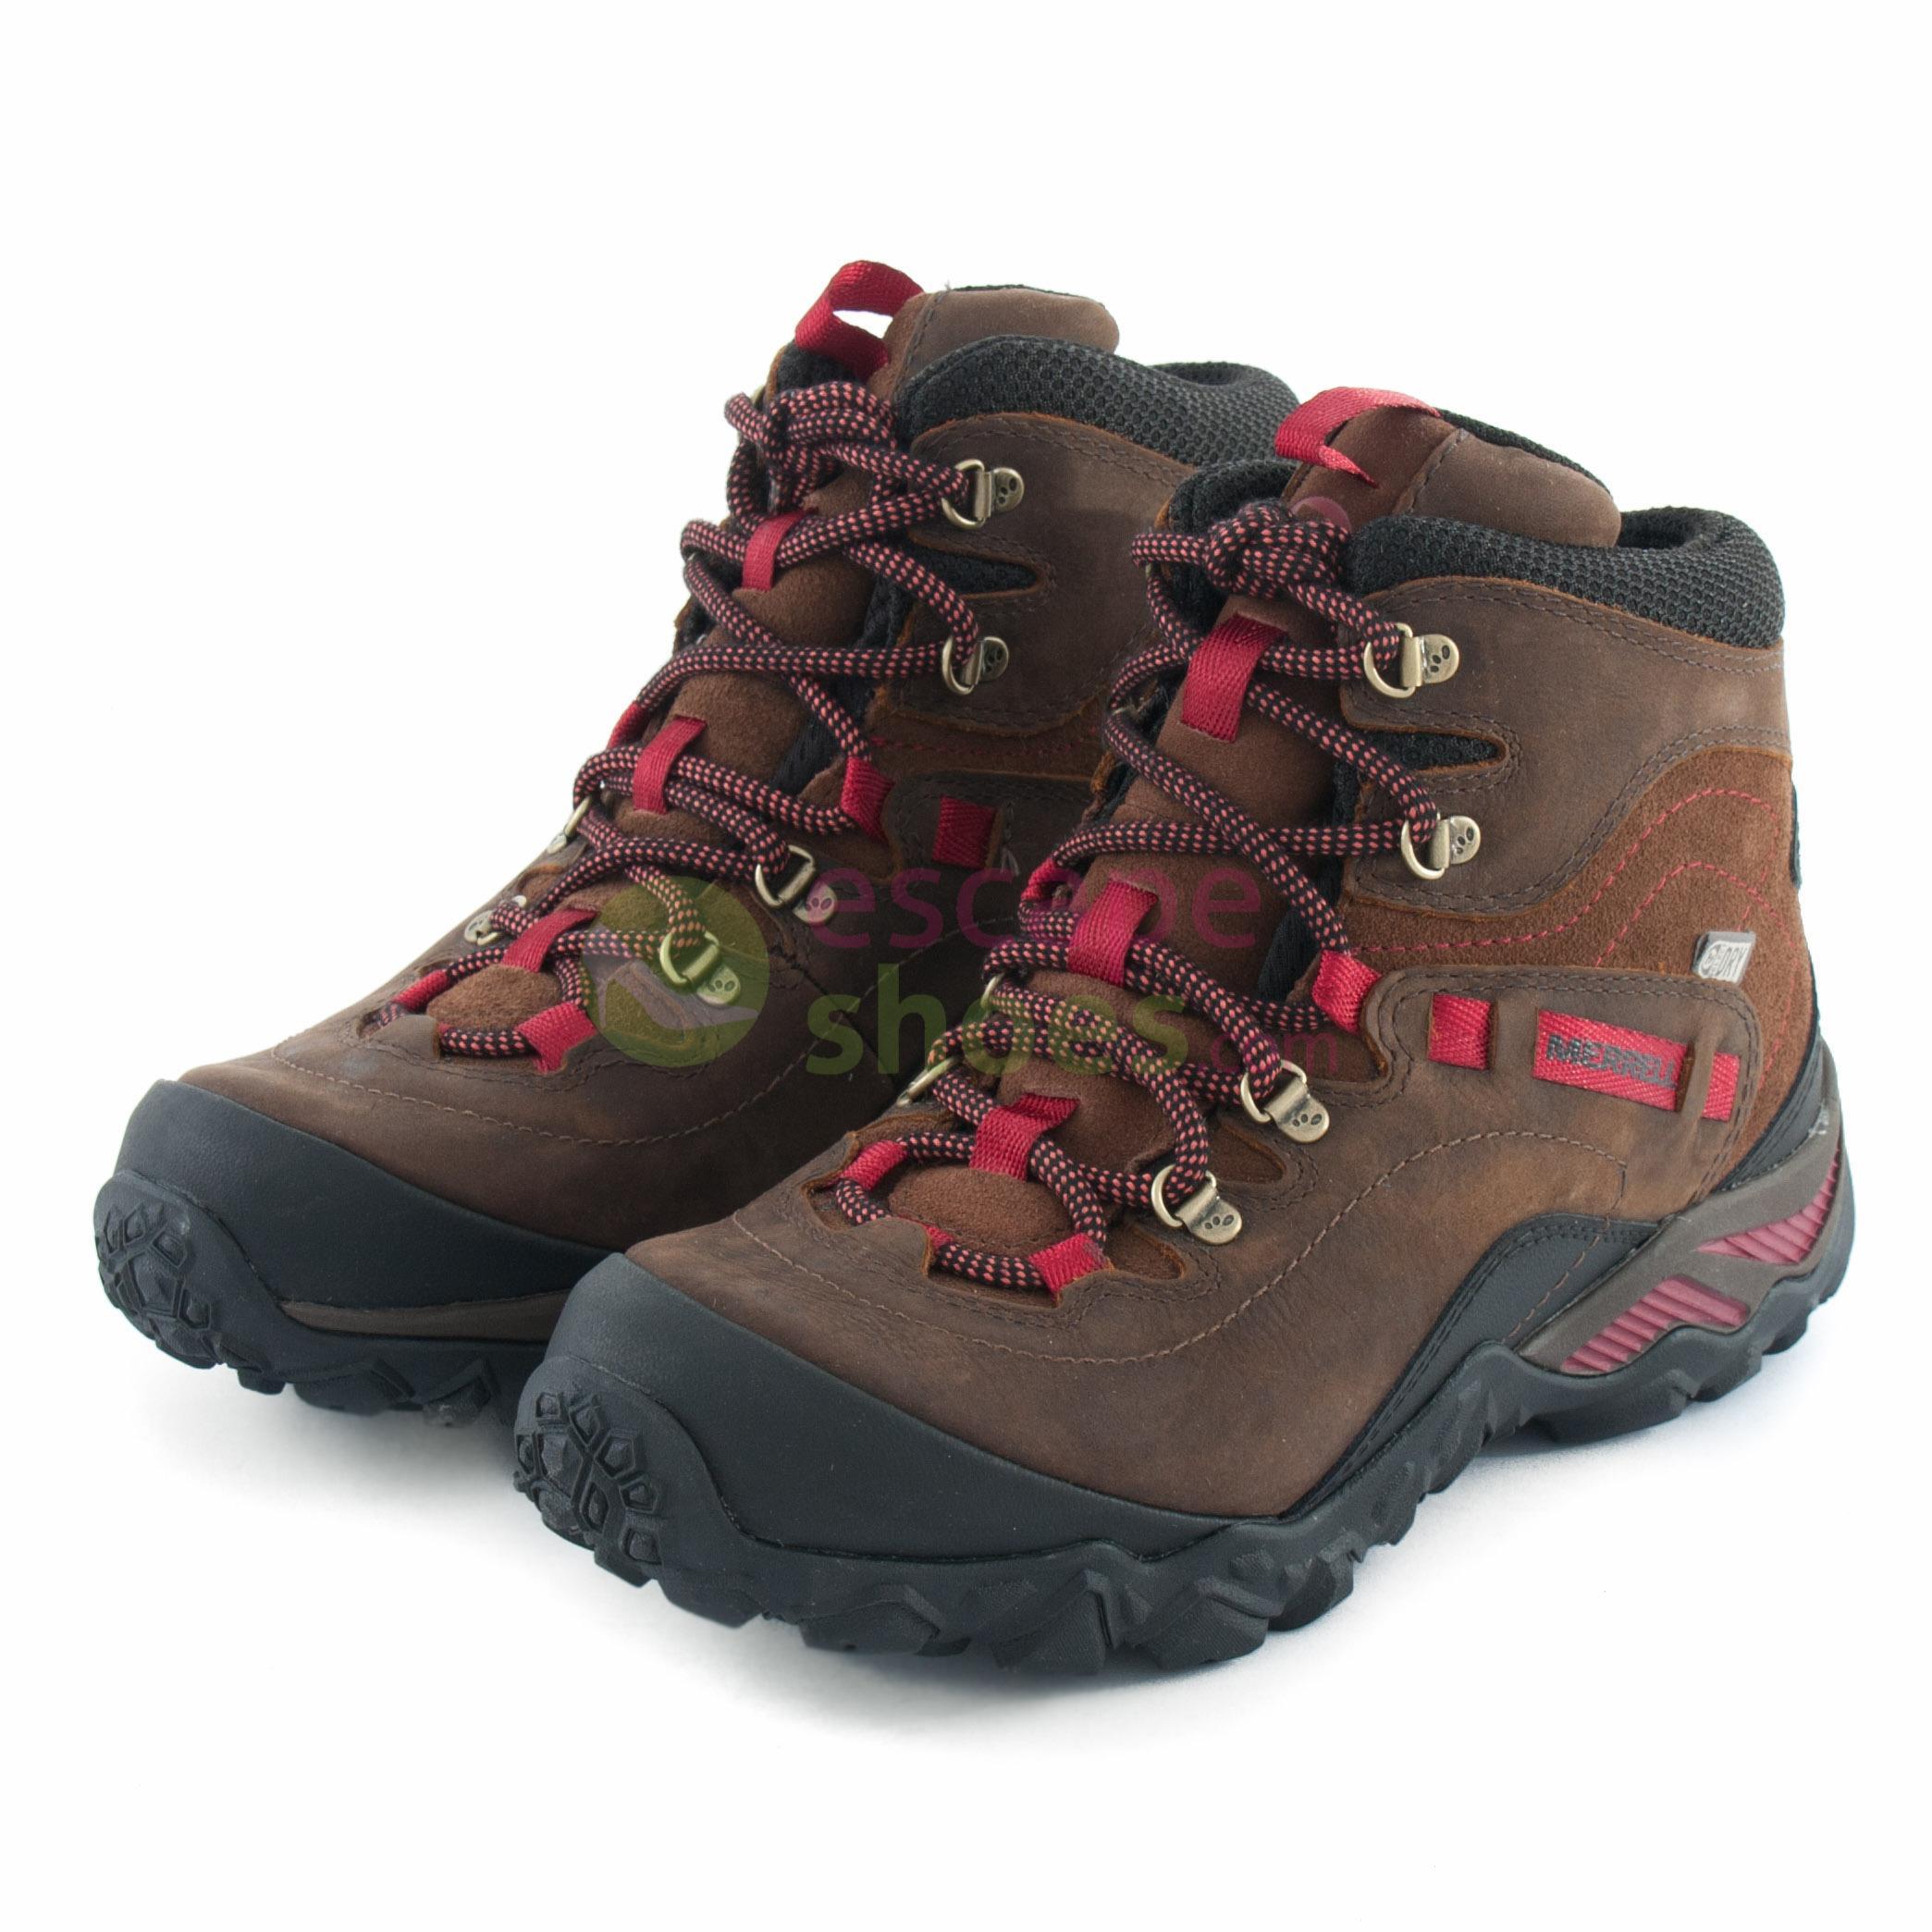 d152650cd17a26 Buy your Sneakers MERRELL Chameleon Shift Traveler Mid Cafe J32088 ...